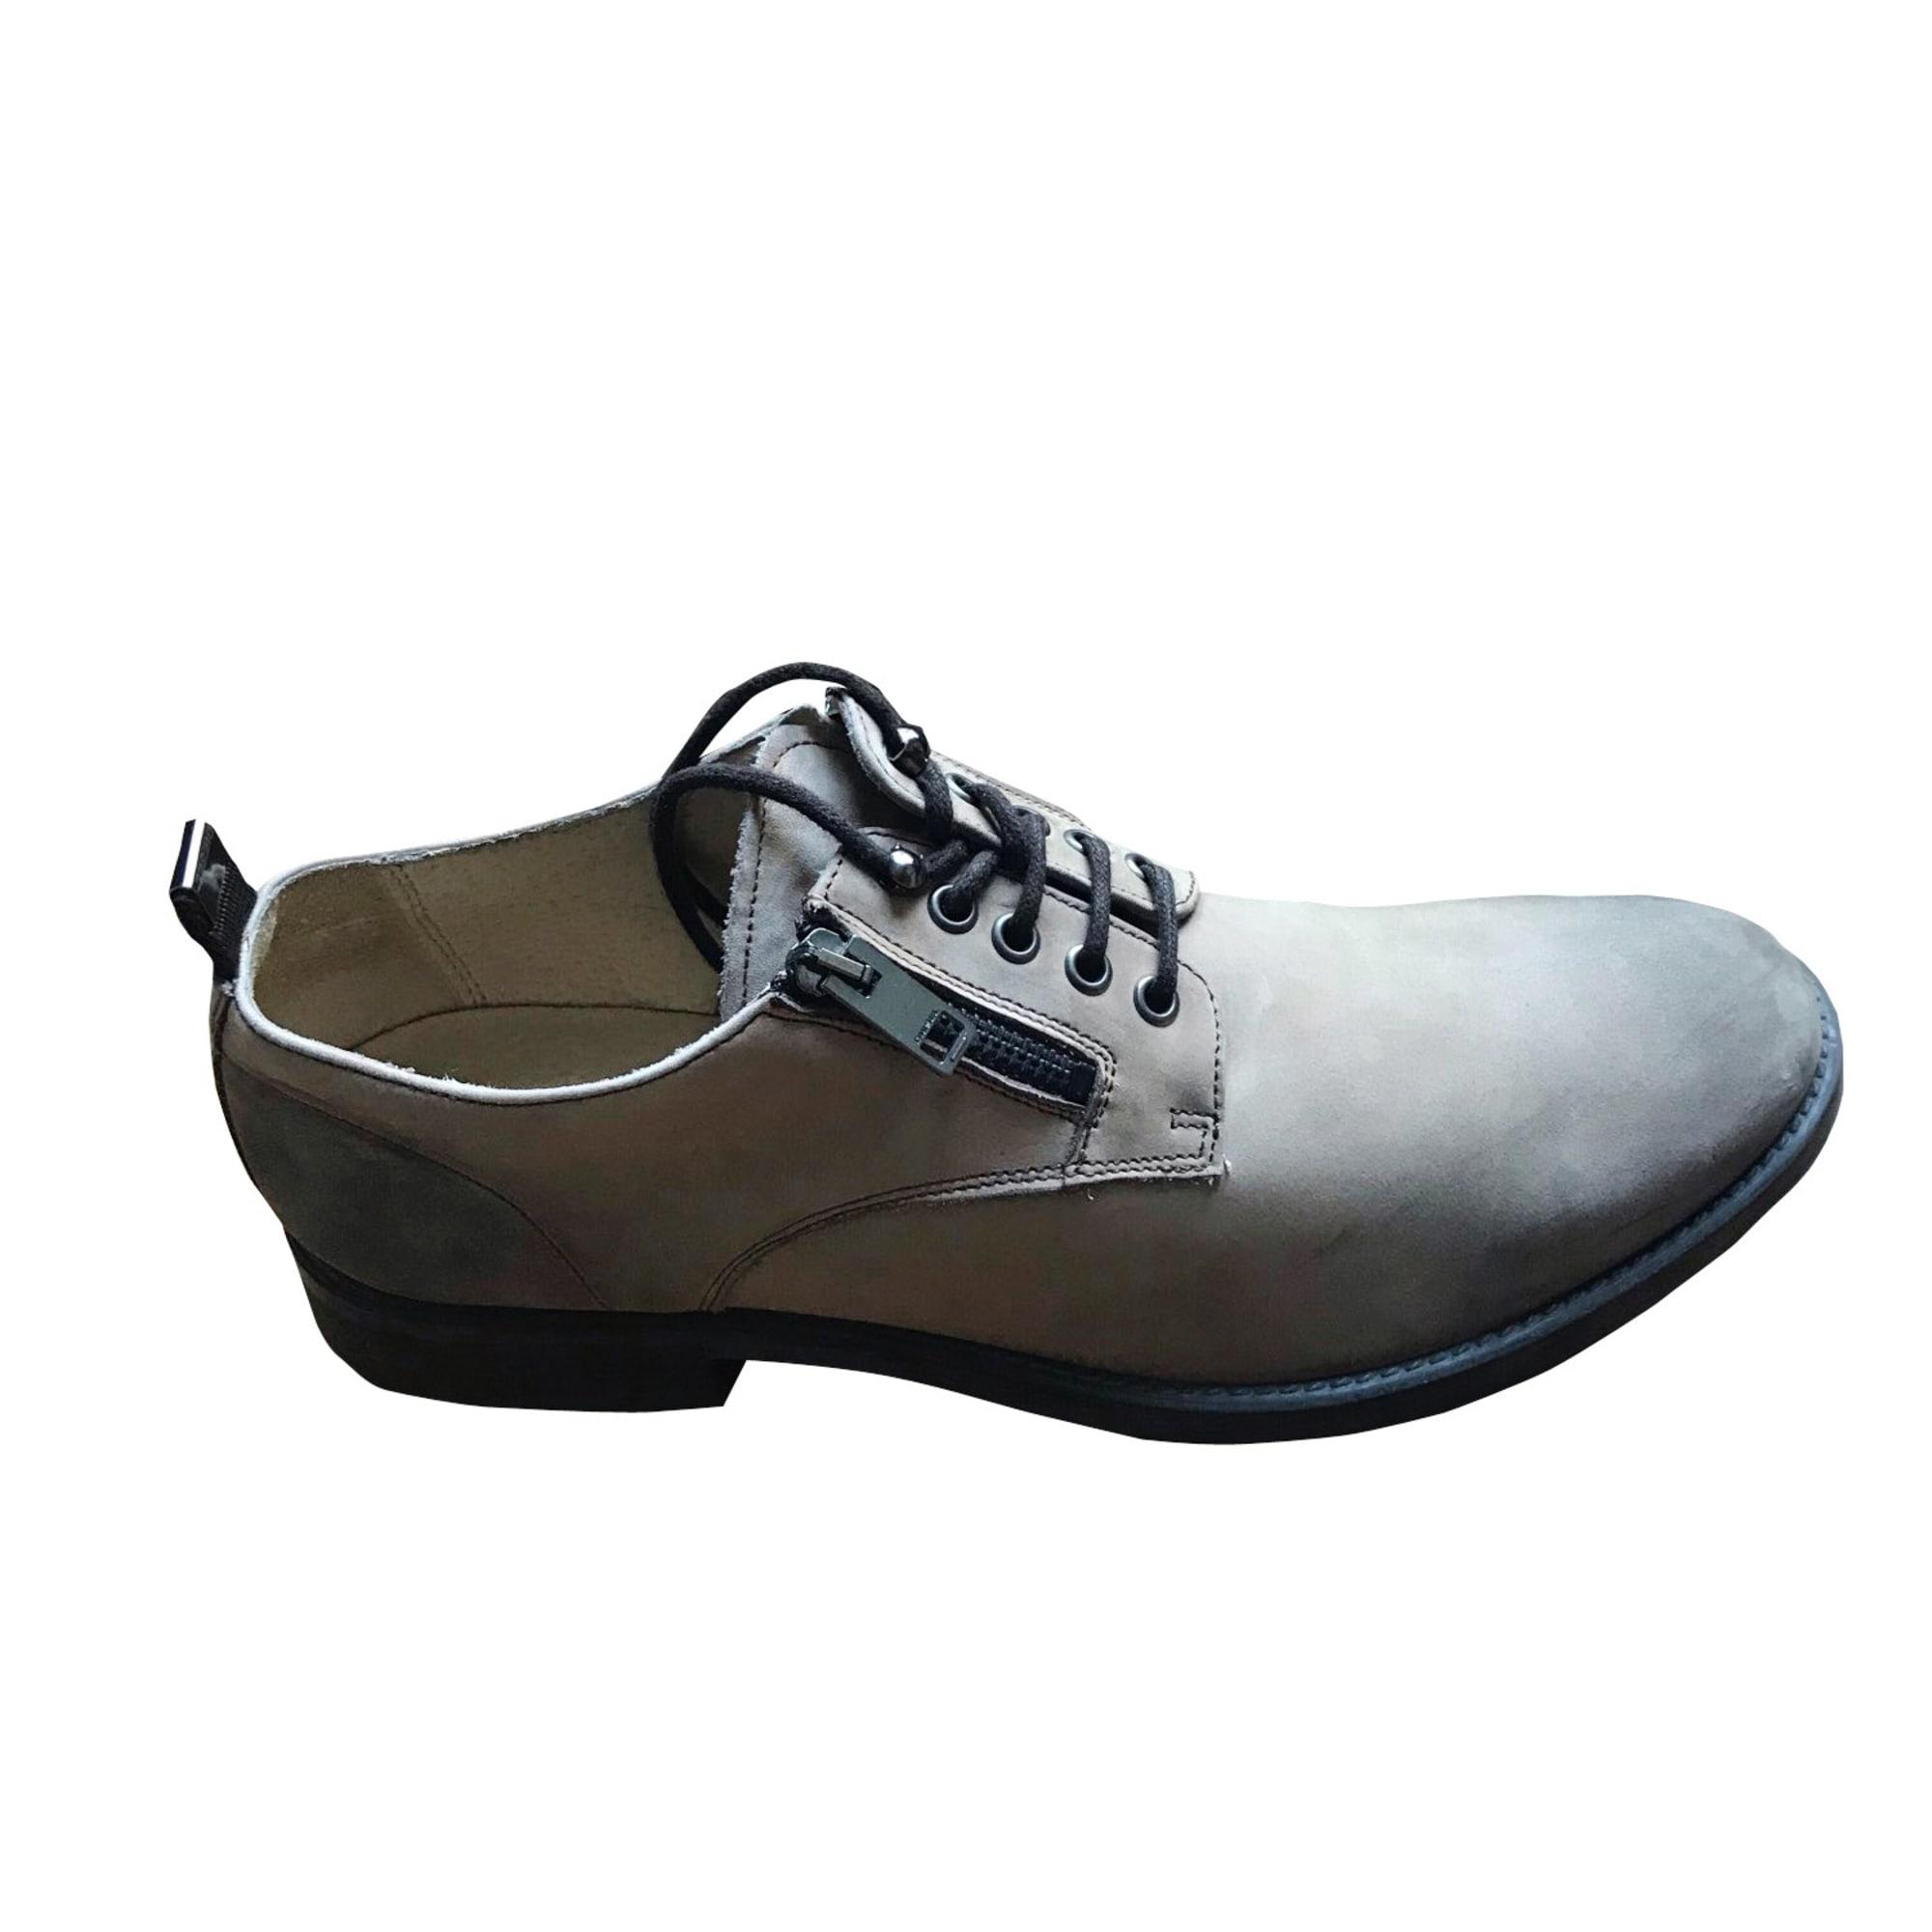 Lace Up Shoes DIESEL Beige, camel